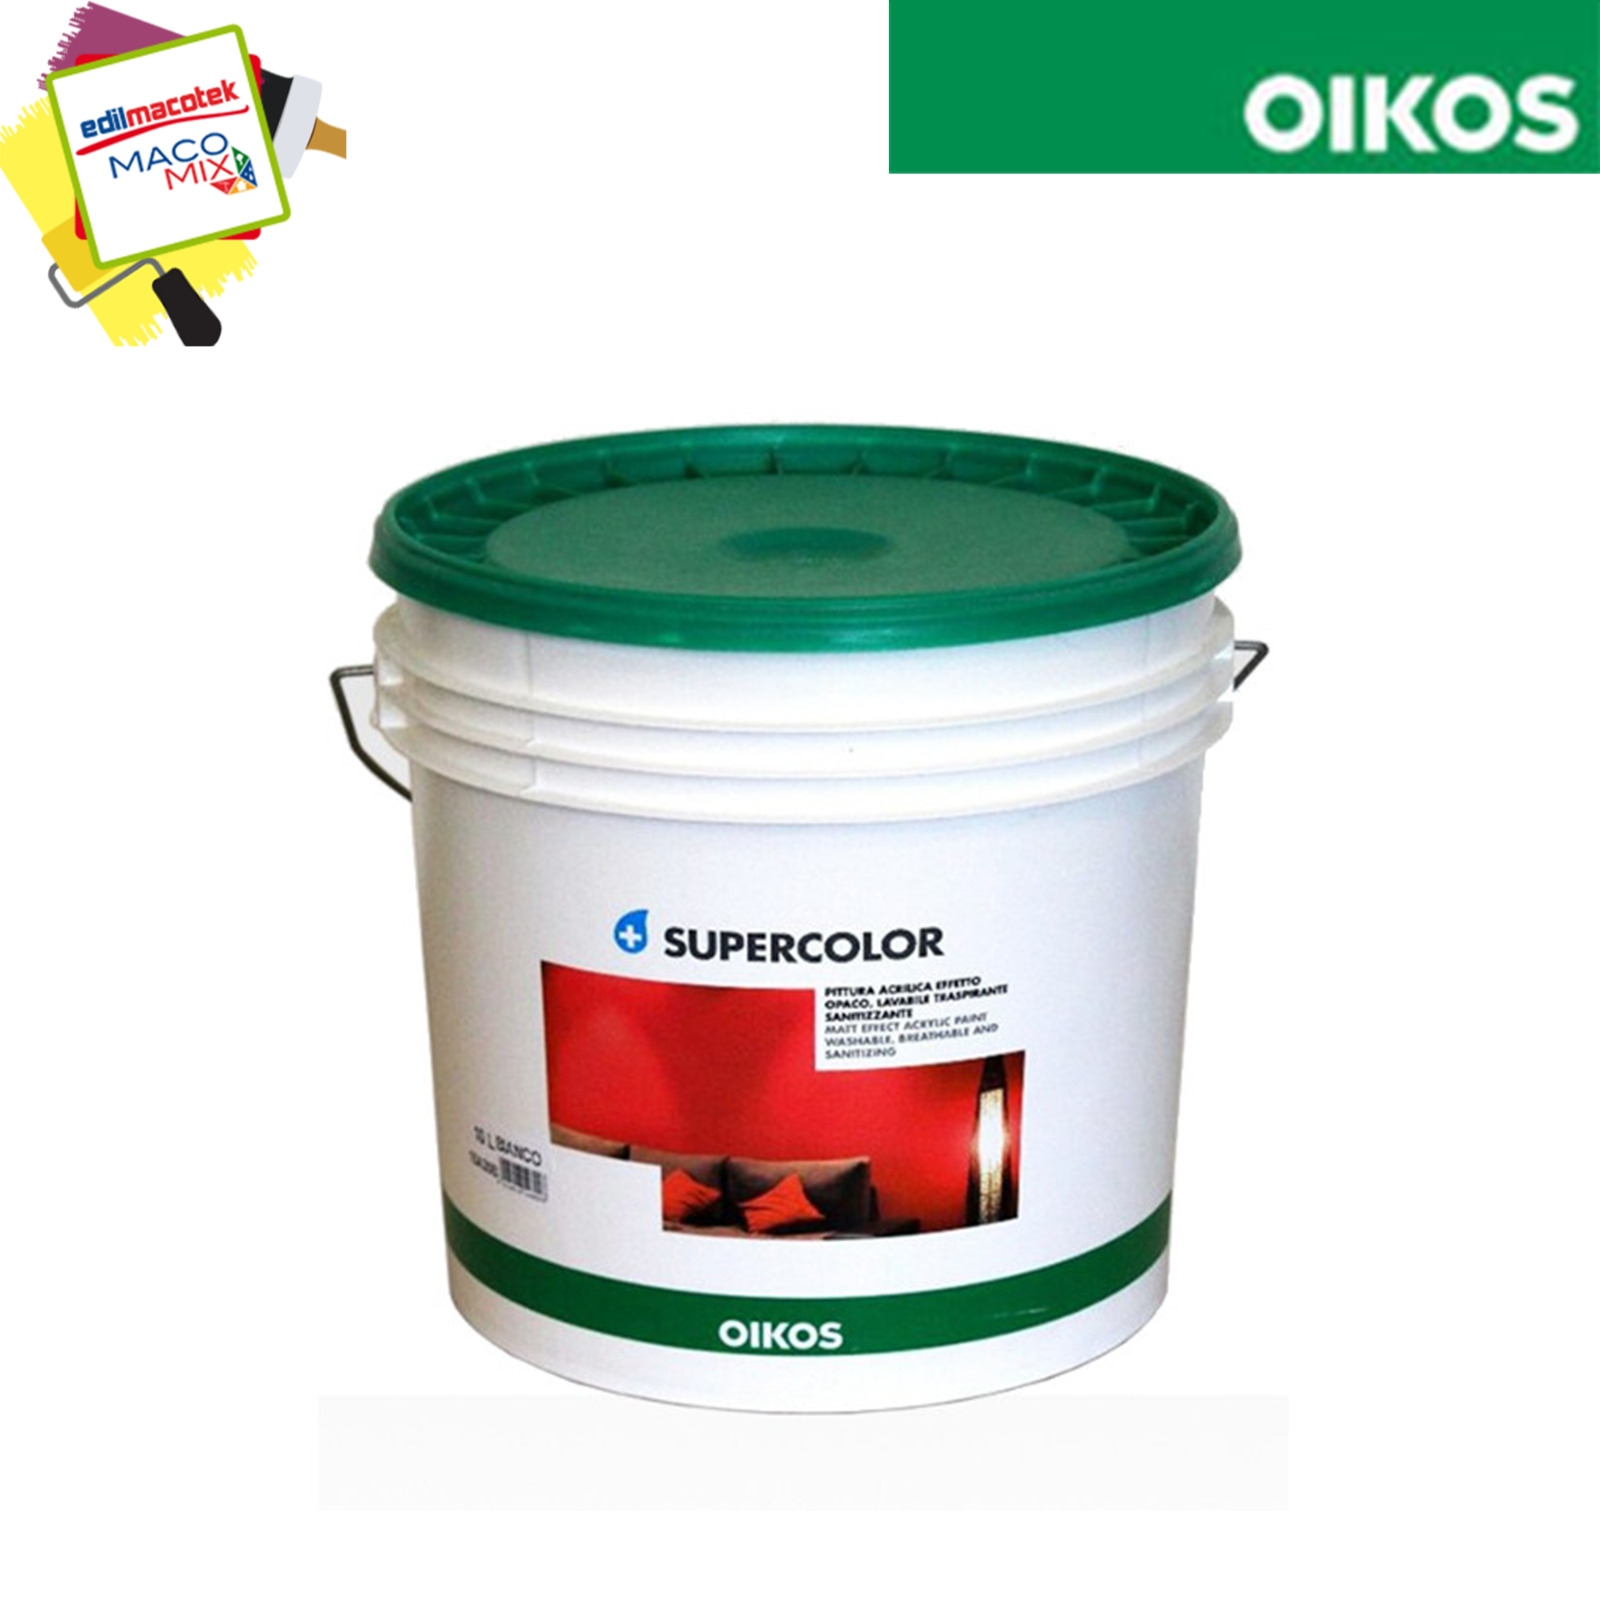 Oikos Supercolor pittura acrilica lavabile traspirante effetto liscio/opaco 14lt bianca